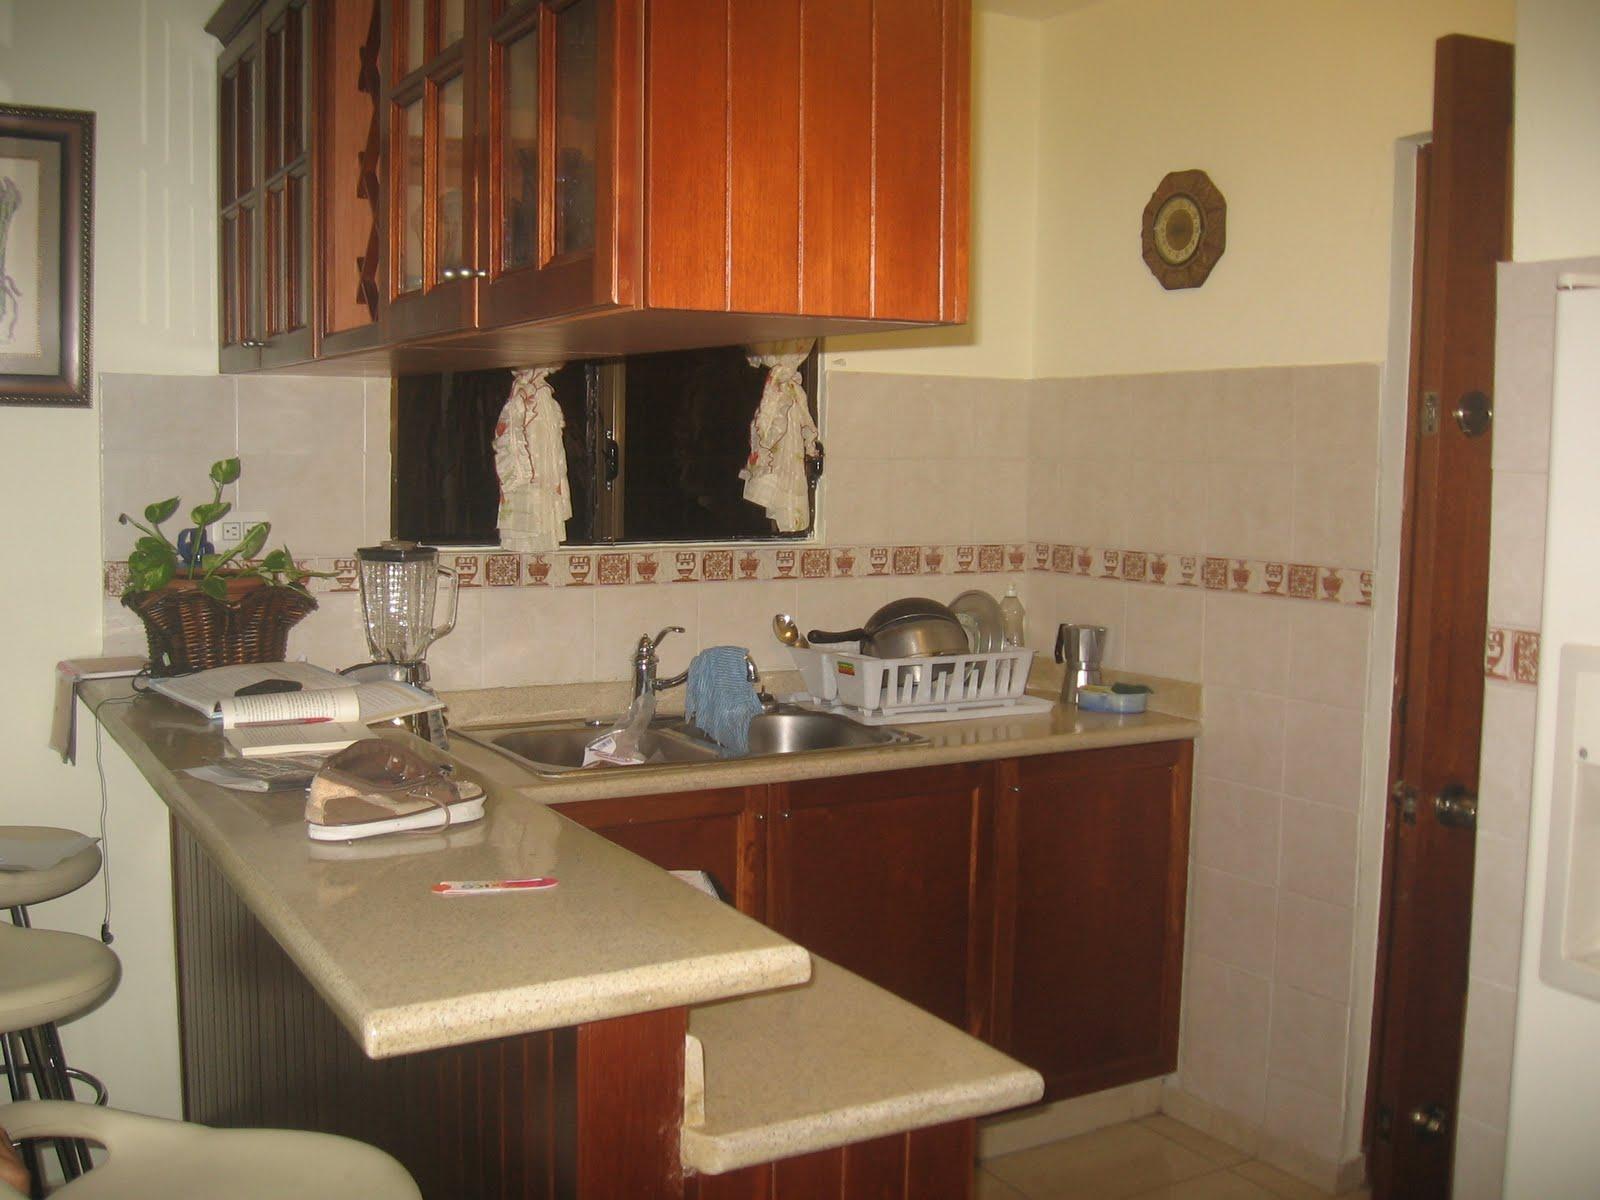 Dise o de restaurantes fotos de reas existentes cocina - Fotos de cocina comedor ...